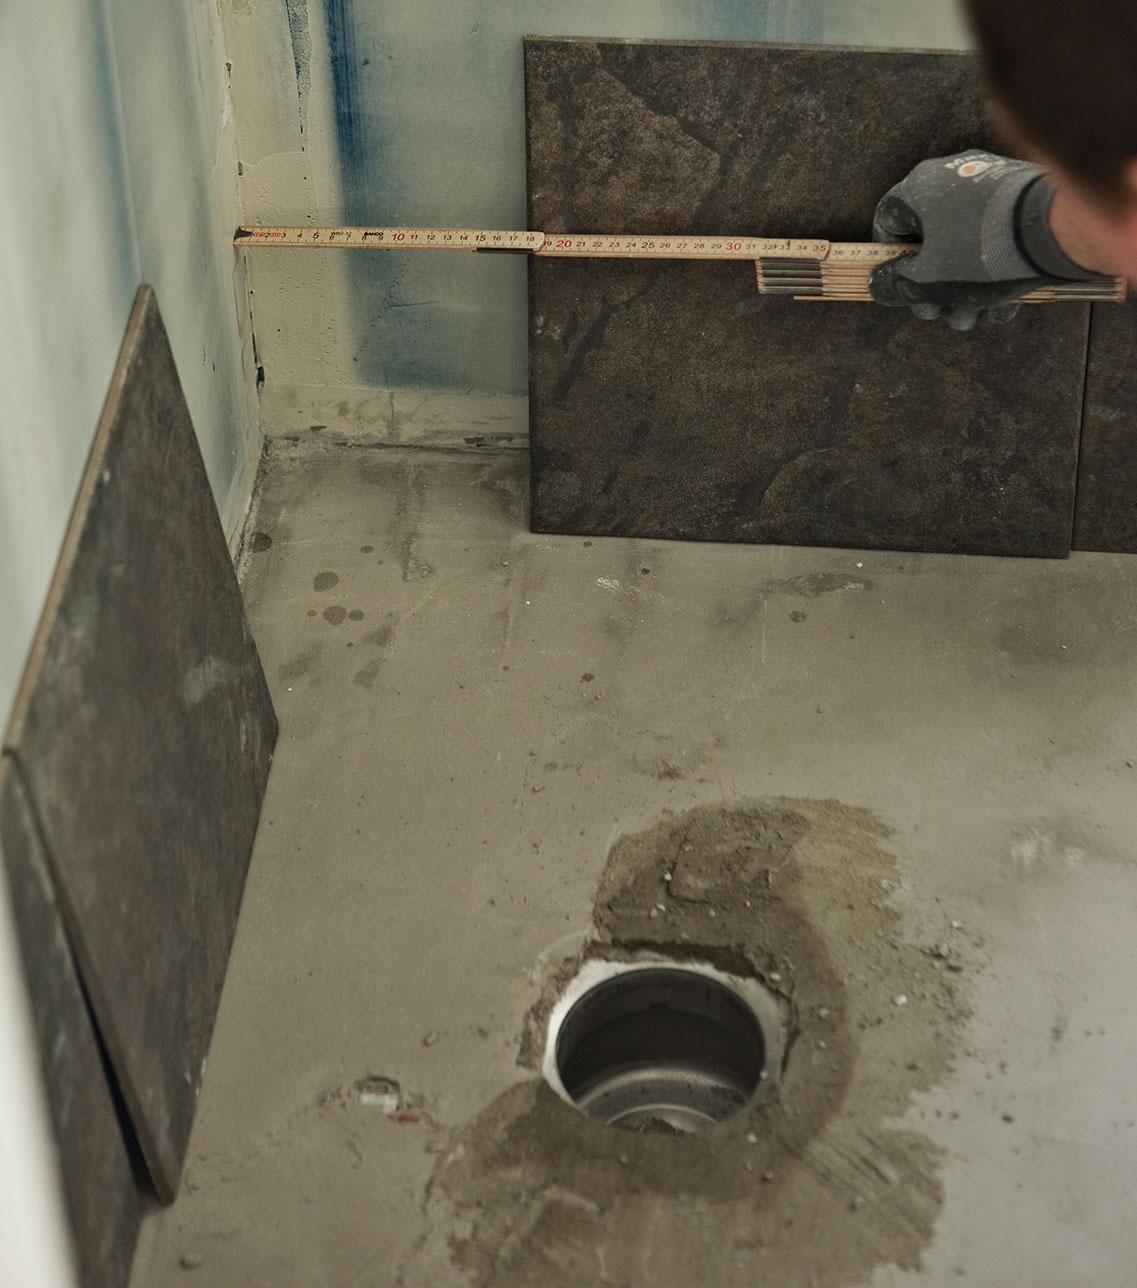 Kontroller målene inden fliserne bliver opsat på luksusbadeværelset